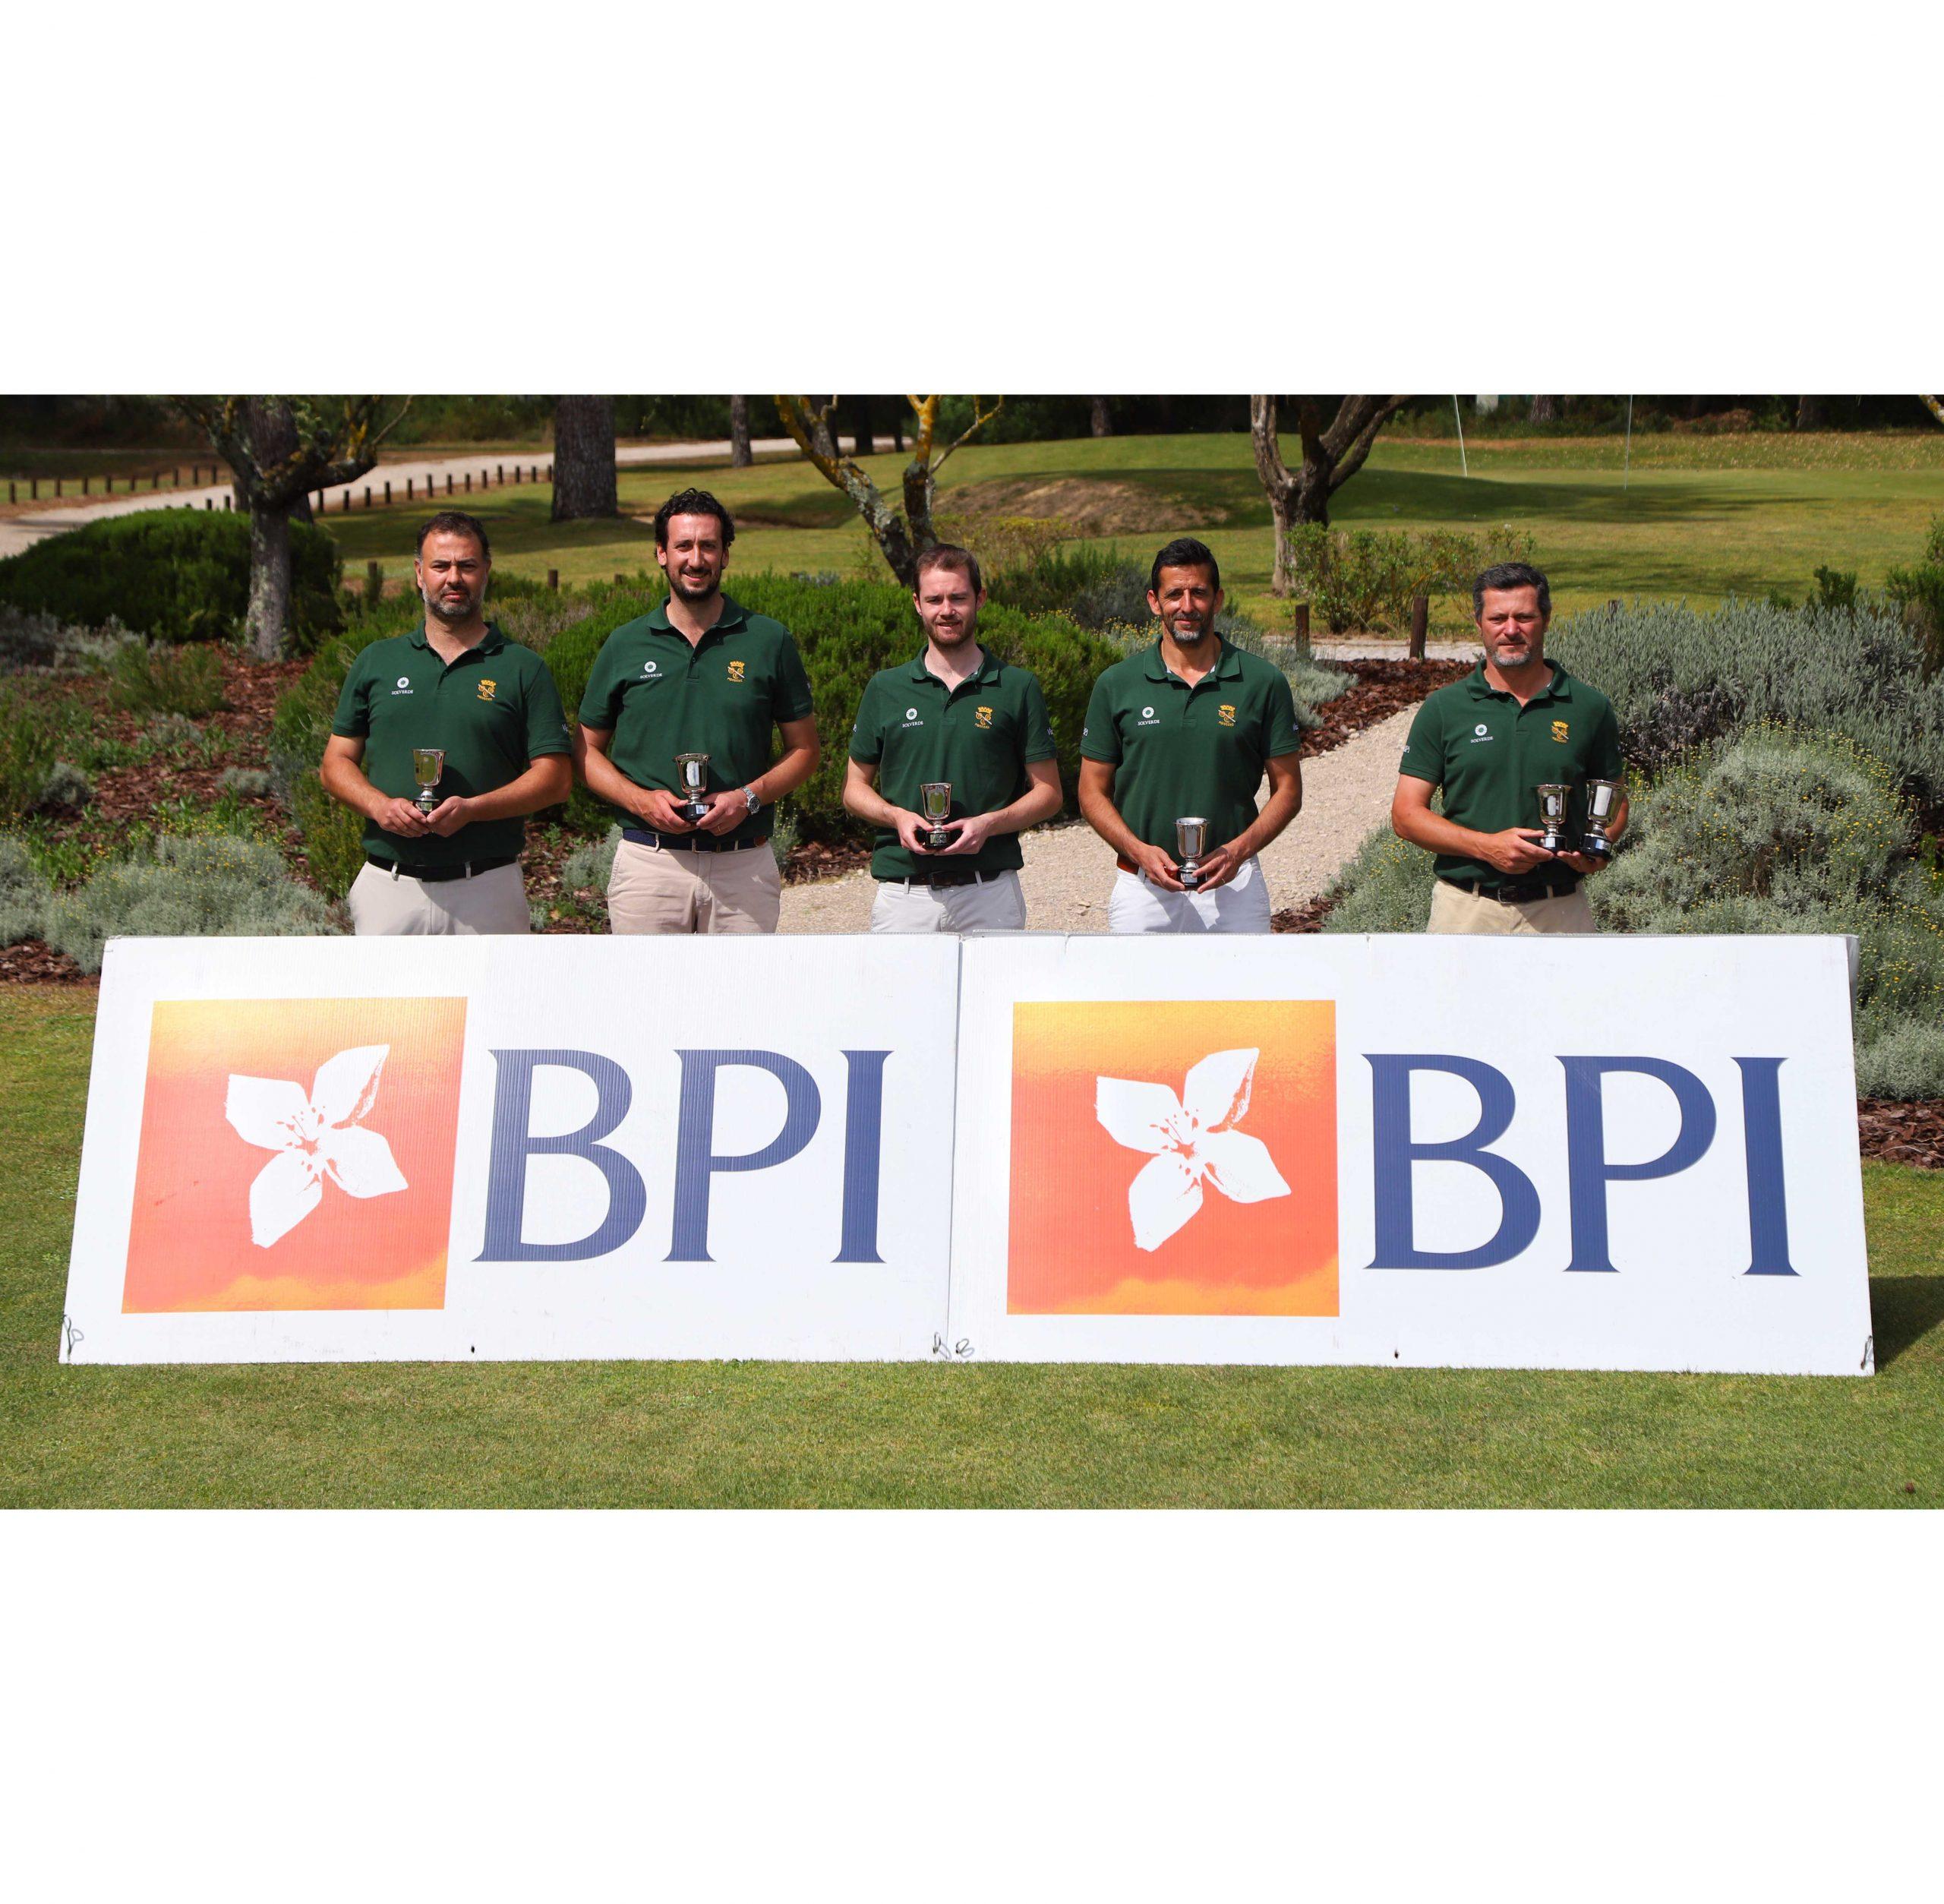 Oporto supera Lisbon e arrebata título do Campeonato Nacional de Clubes Mid-Amateur BPI